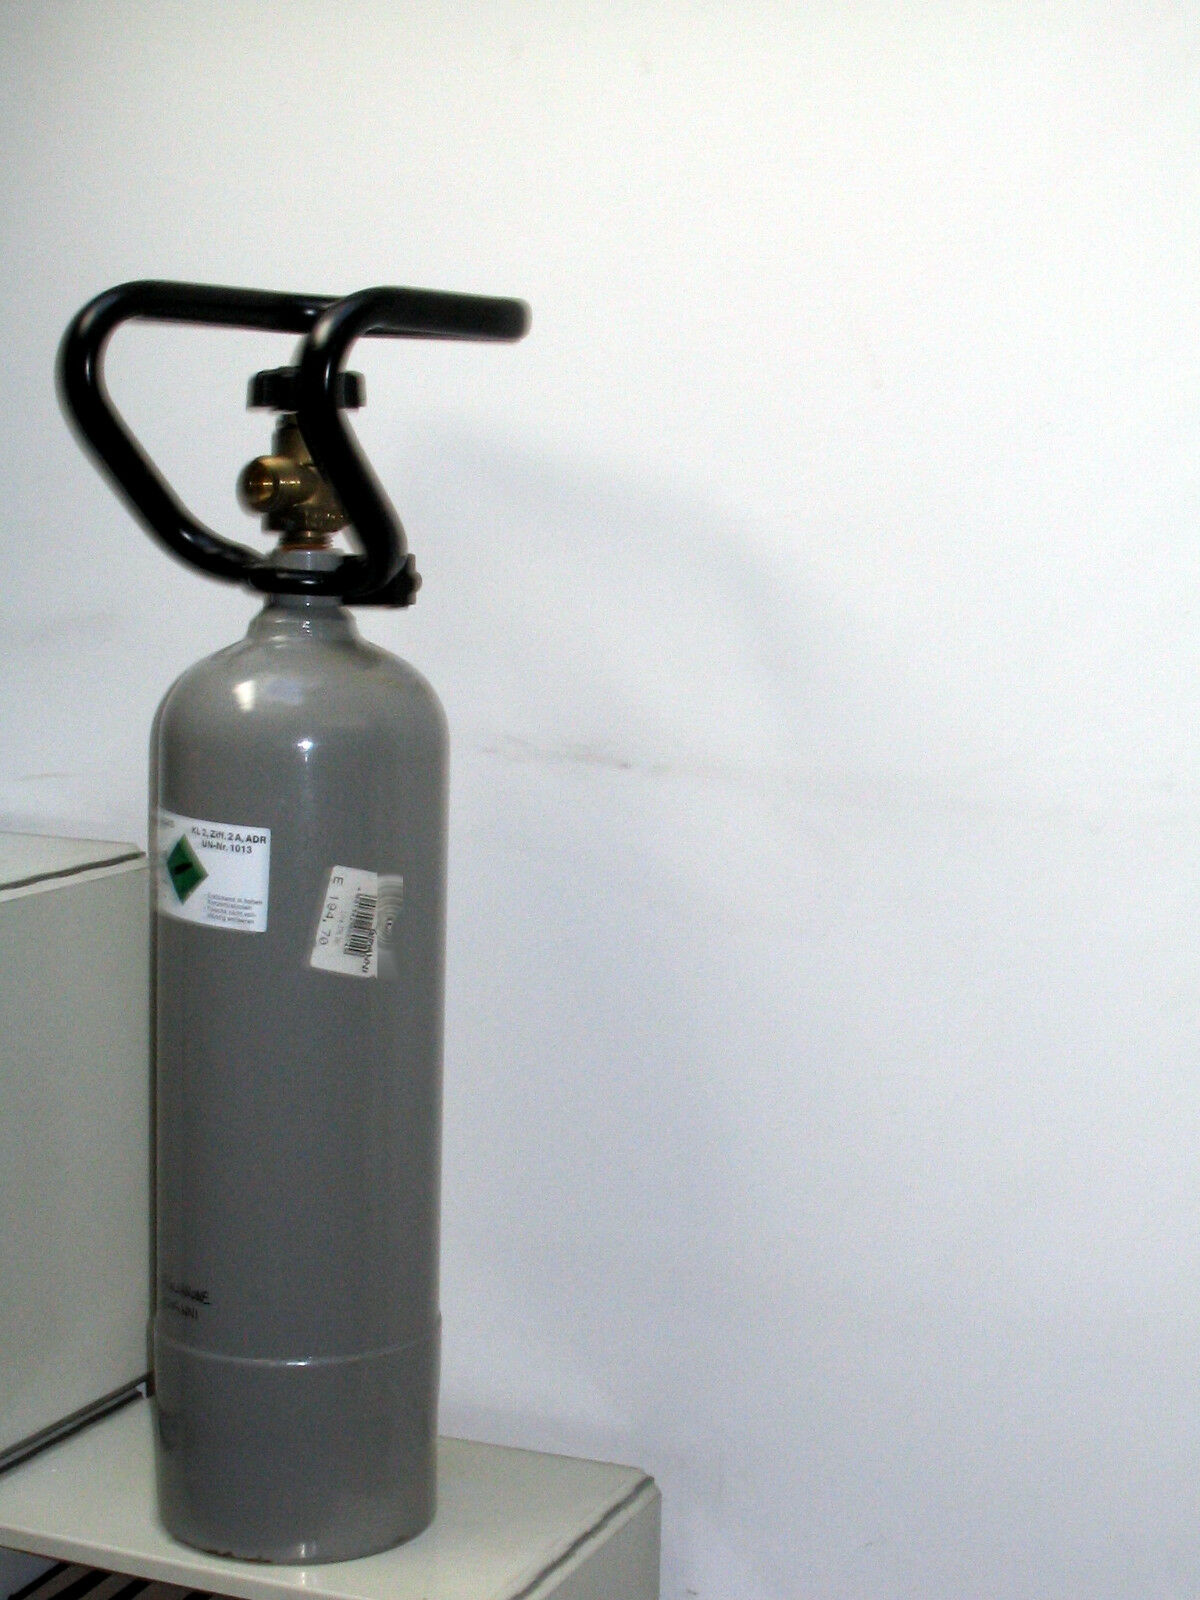 Bombola di CO2 anidride carbonica da 2 2 2 Kg per acquari con maniglia trasporto 70fdb4